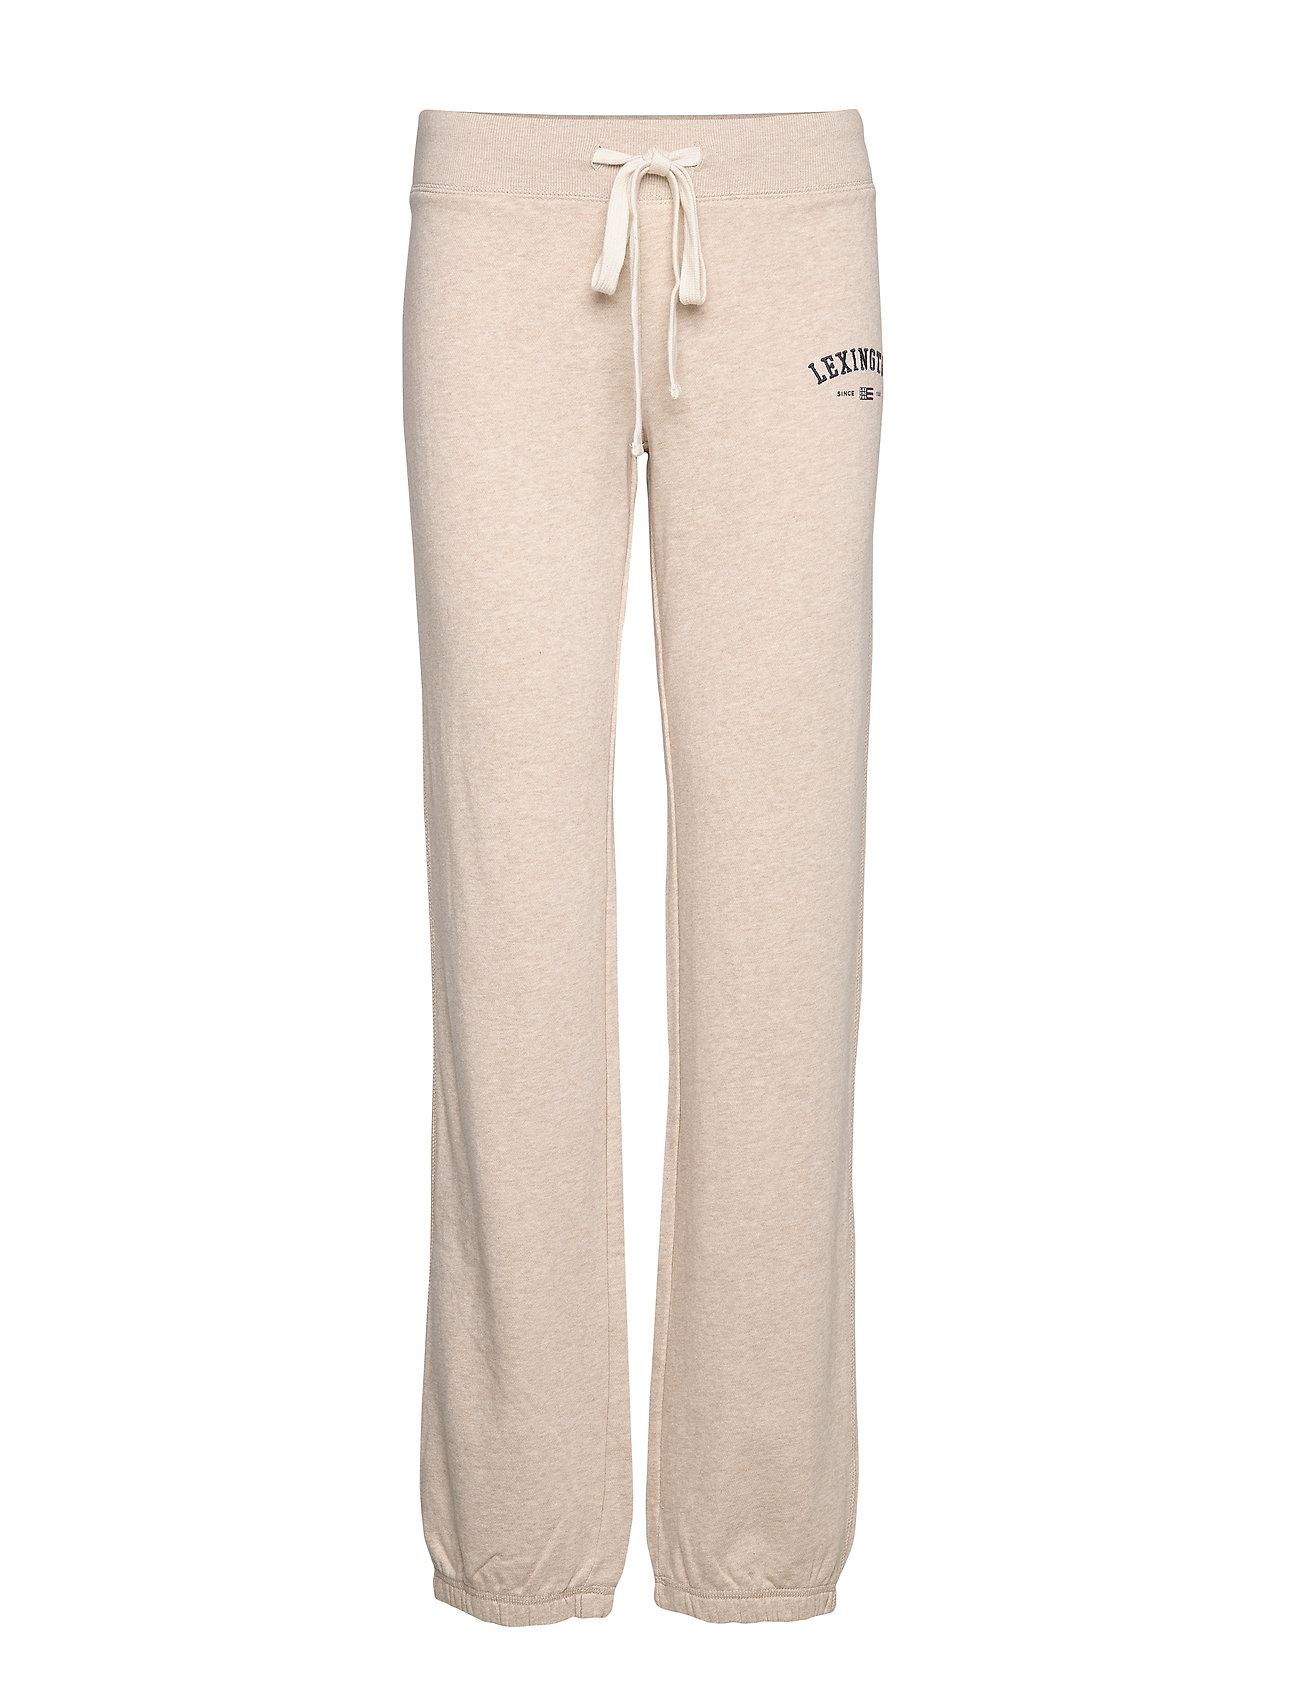 Lexington Clothing Jenna Pants - BEIGE MELANGE